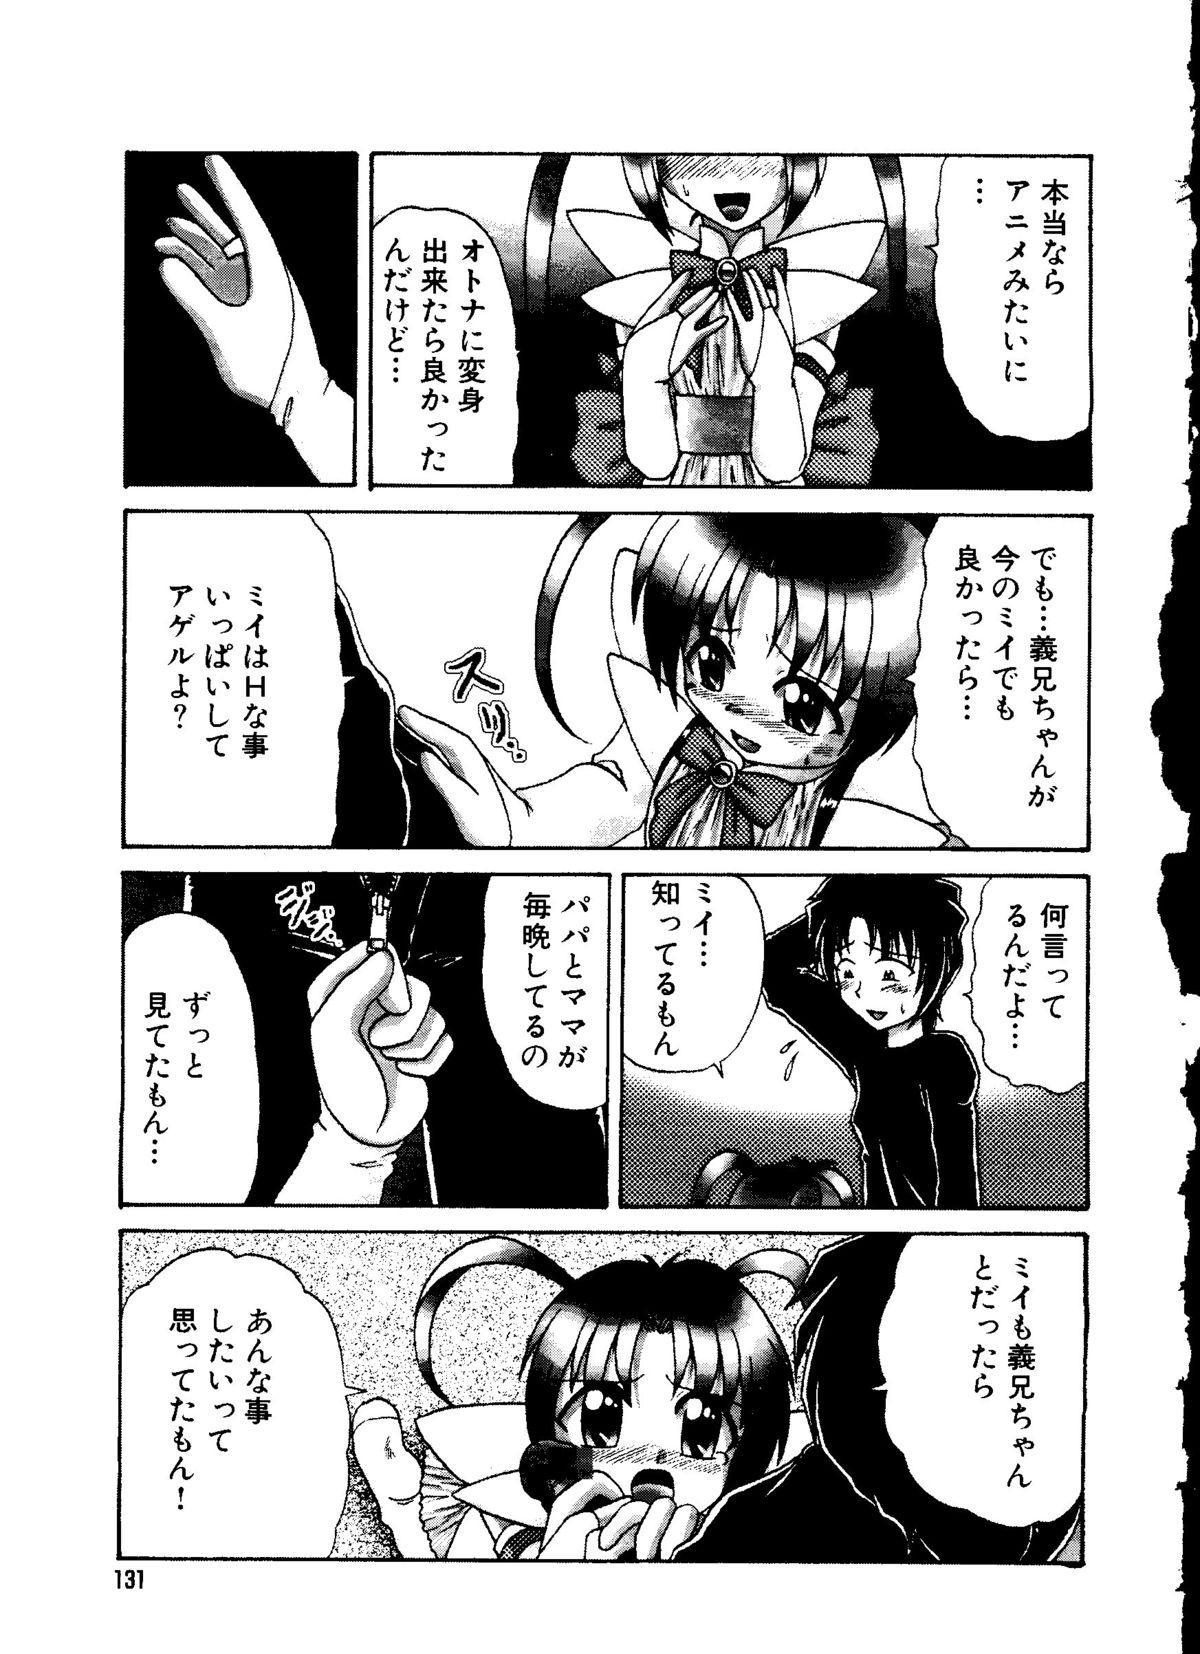 Mujirushi Youhin Vol. 7 129